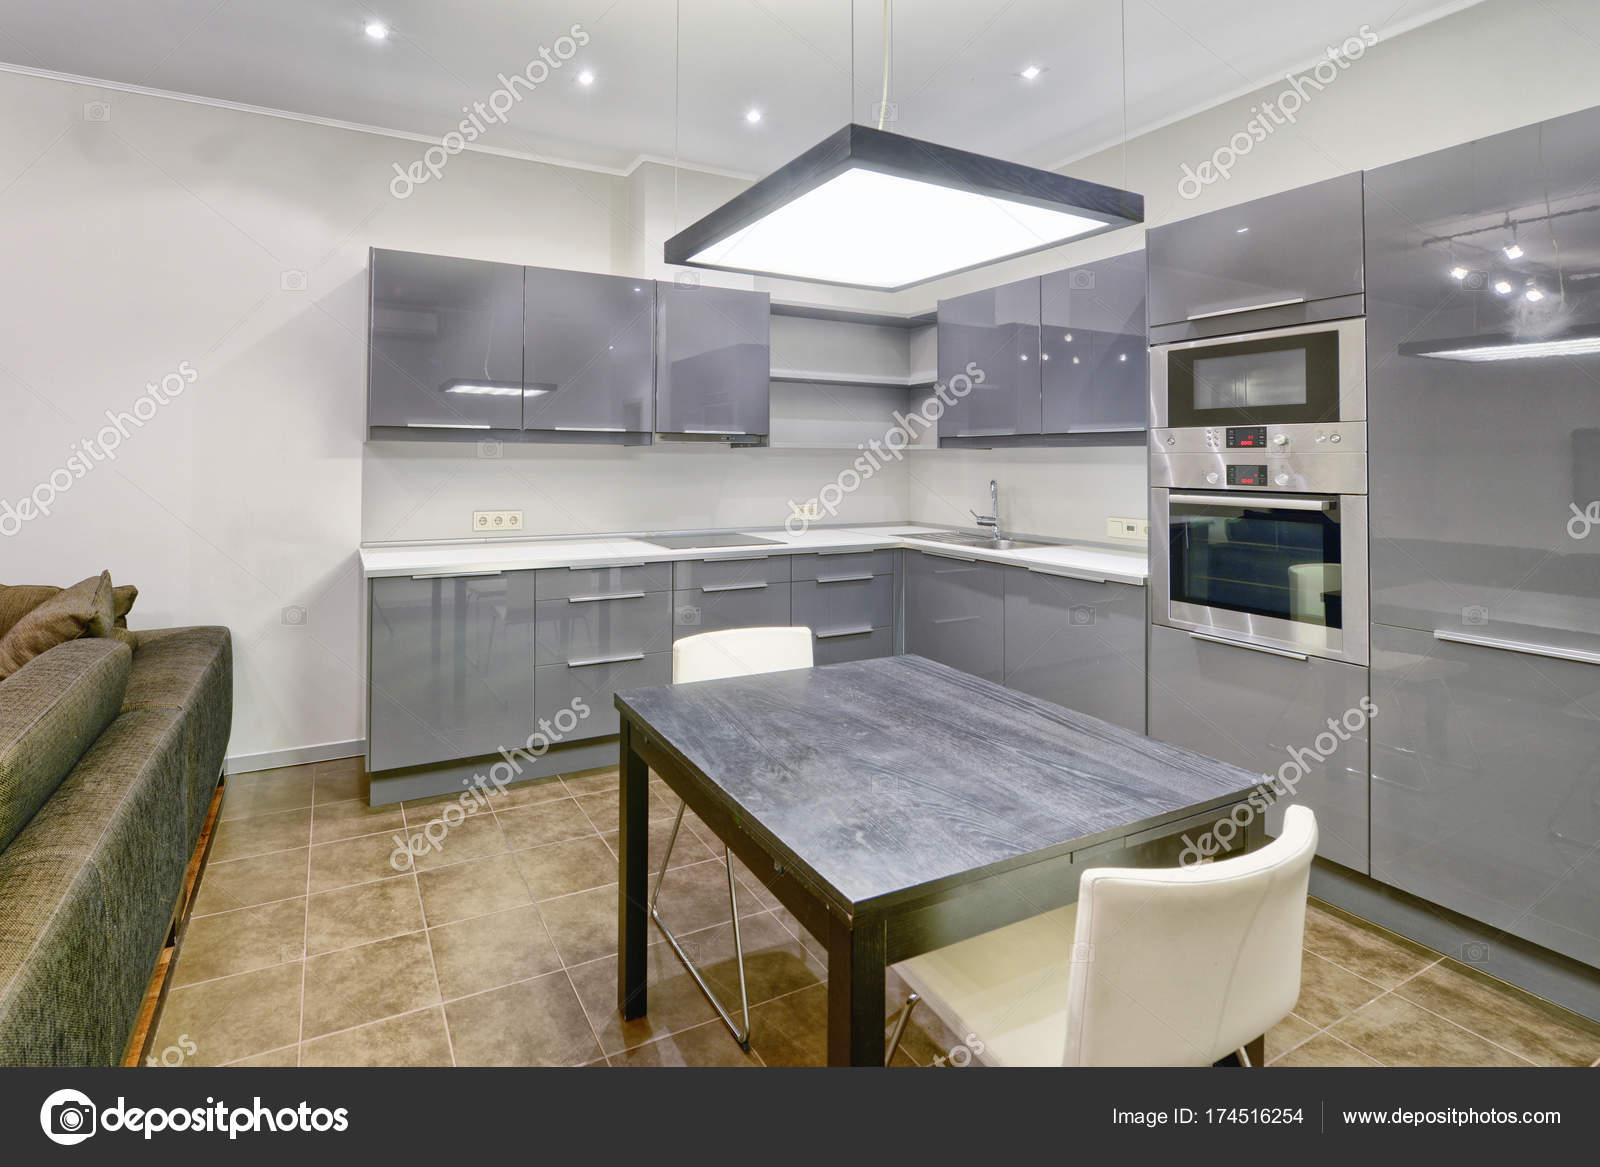 Russland Moskau - moderne Interieur Küchendesign von städtischen ...